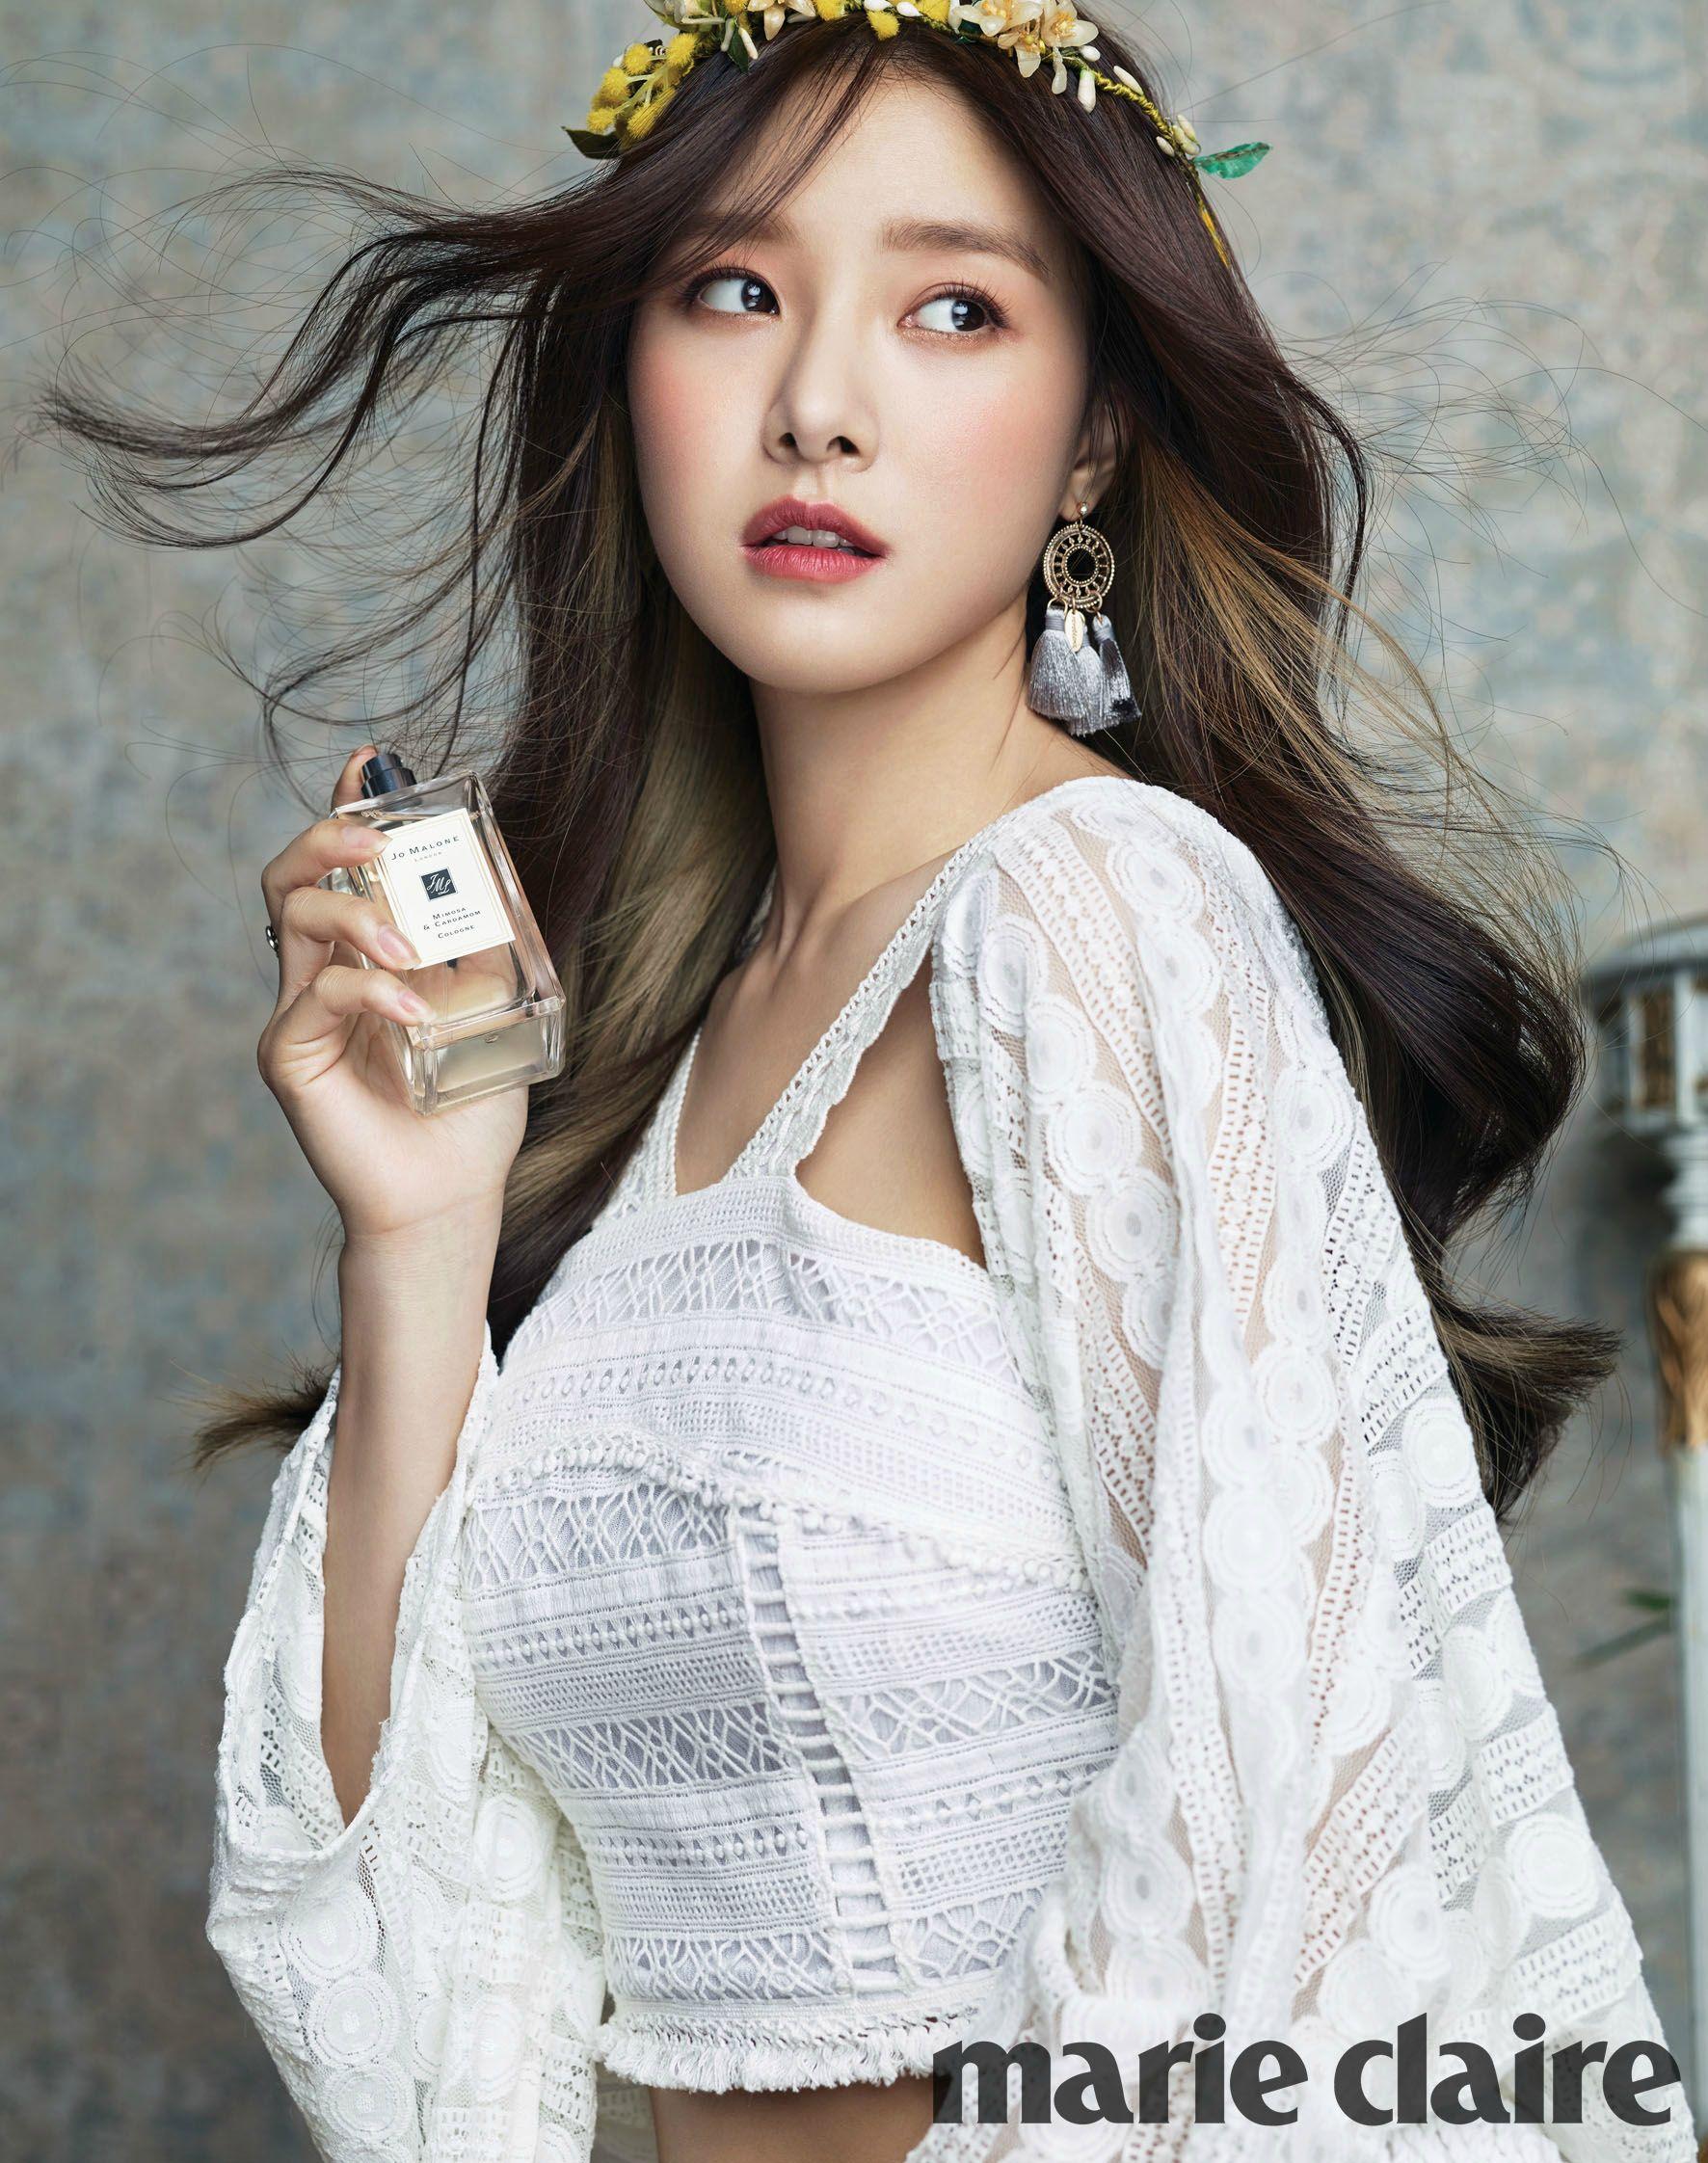 So-eun Kim Nude Photos 49